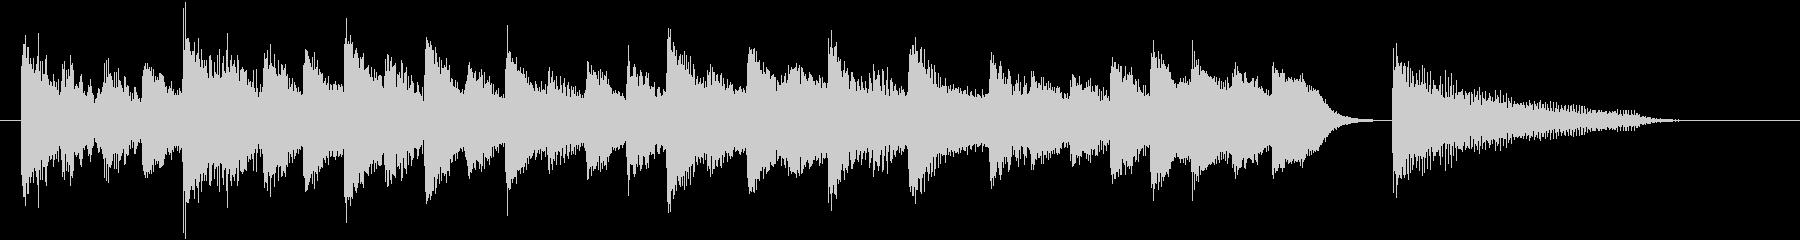 童謡・お正月モチーフのピアノジングルFの未再生の波形